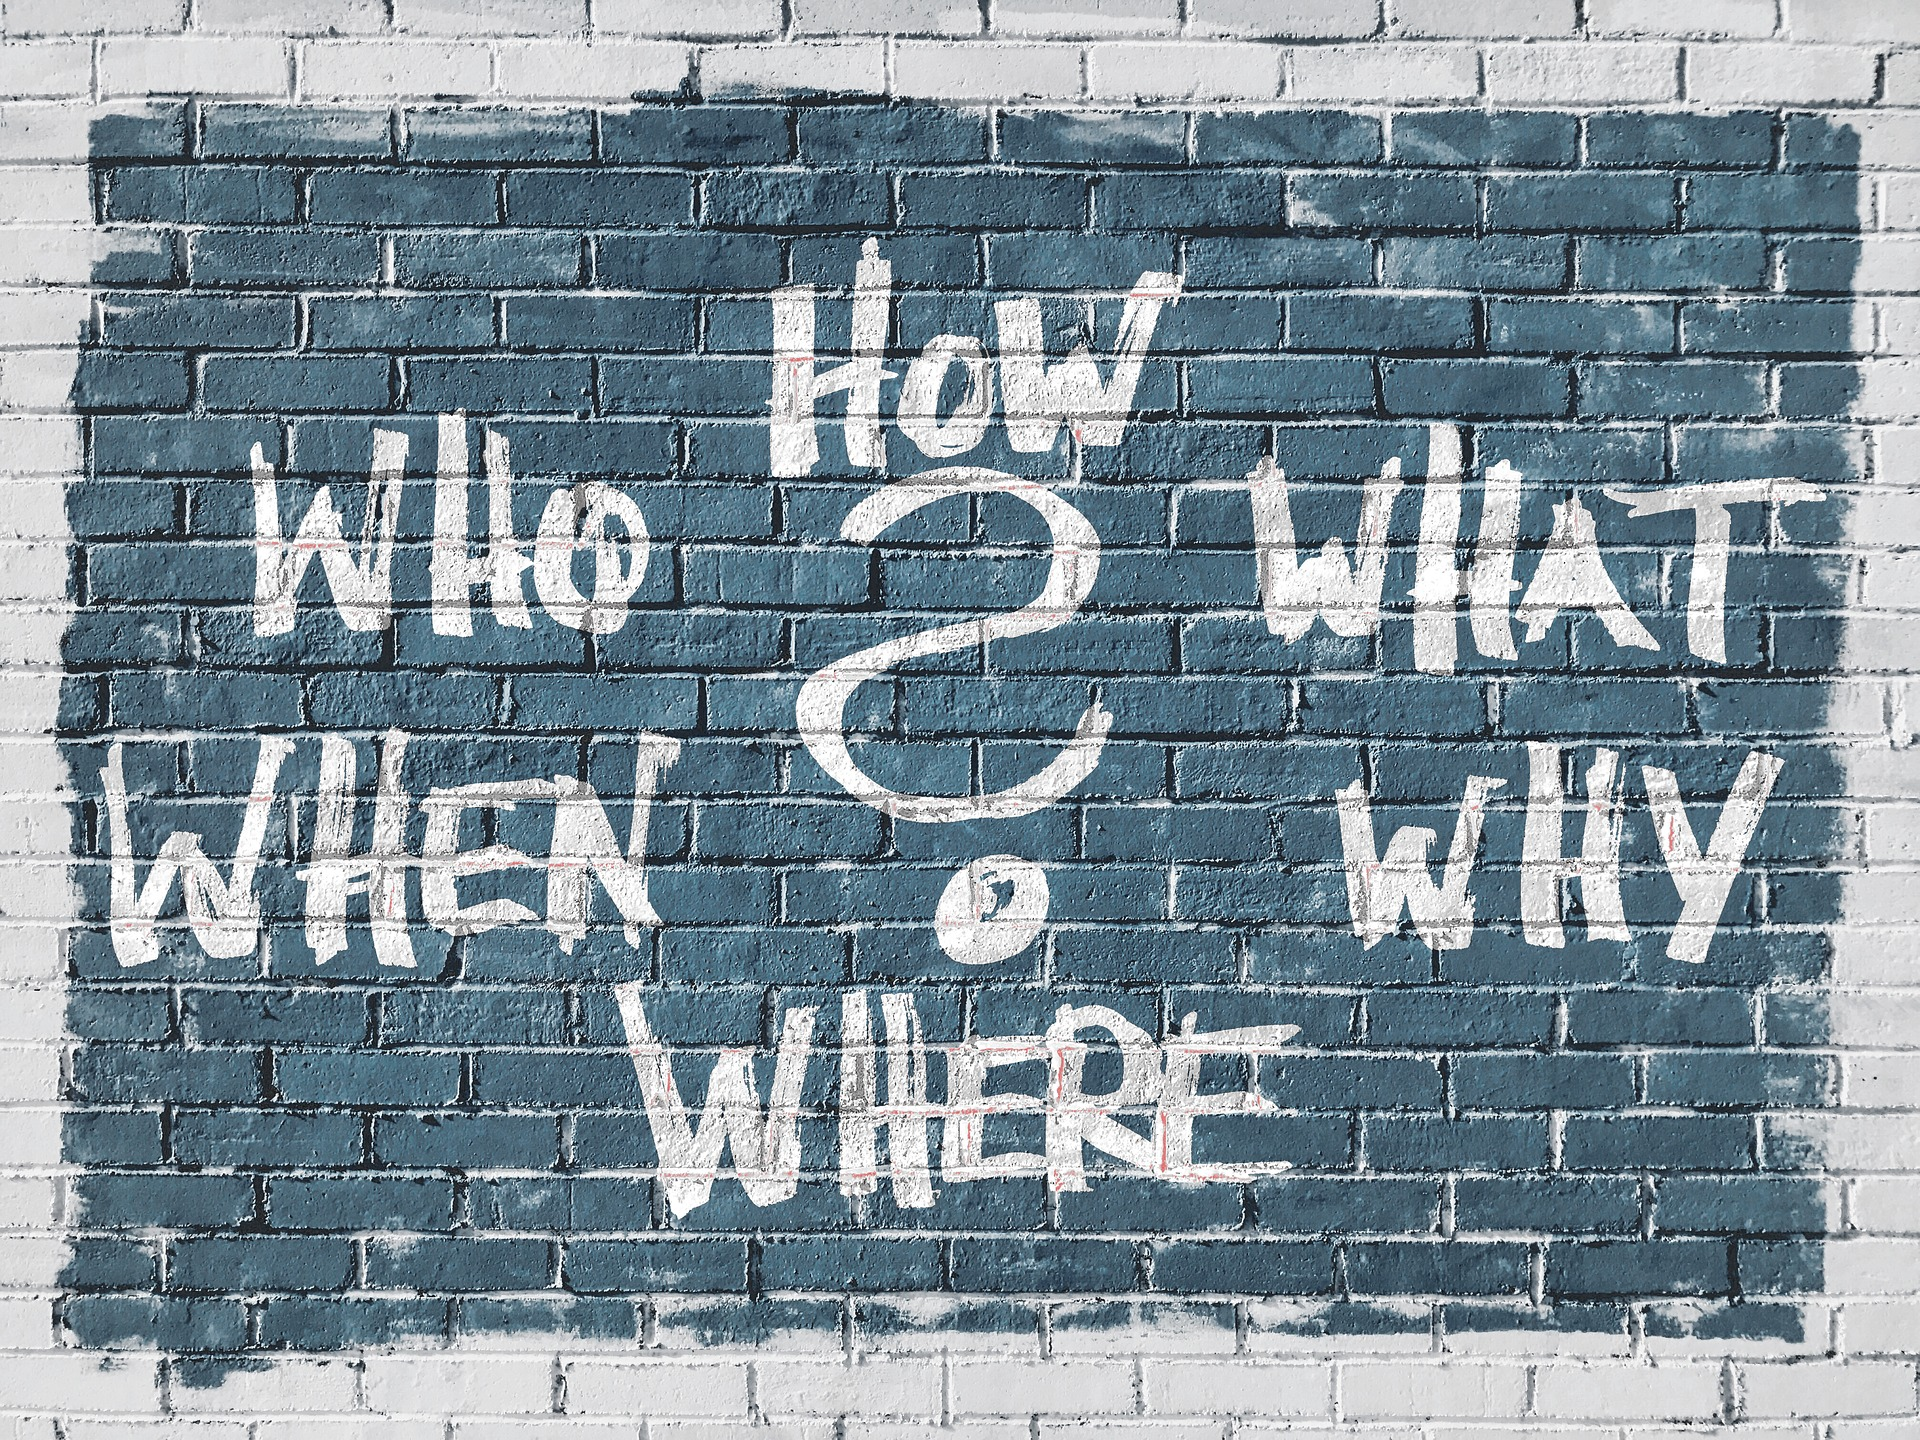 Engels eindexamen:  Open Vragen hoe zit dat?